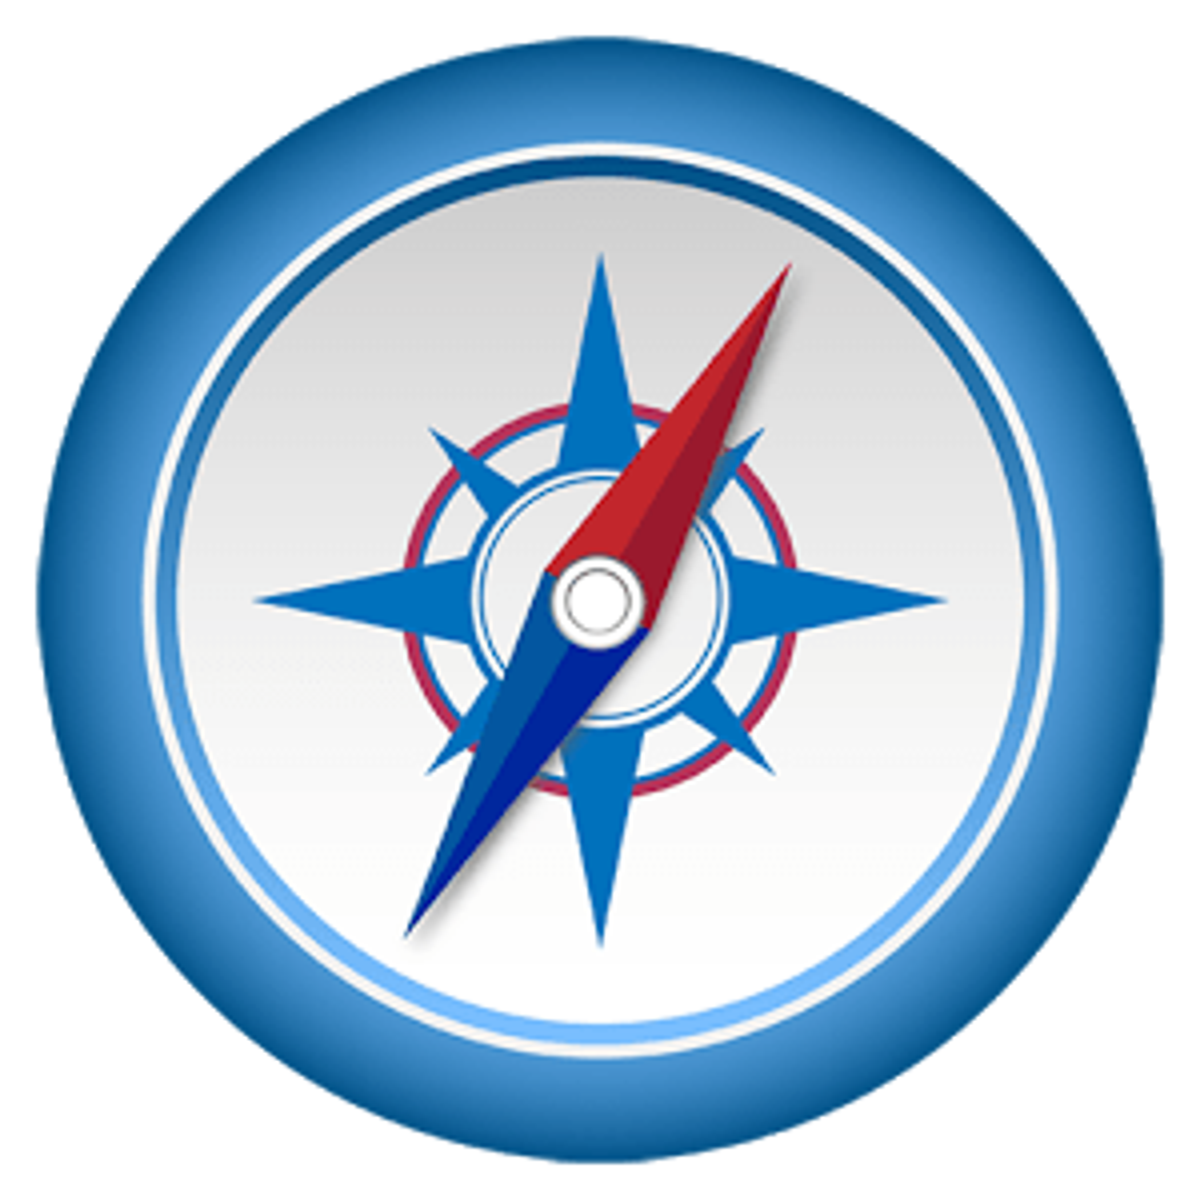 Brújula (Compass) 3.2.2